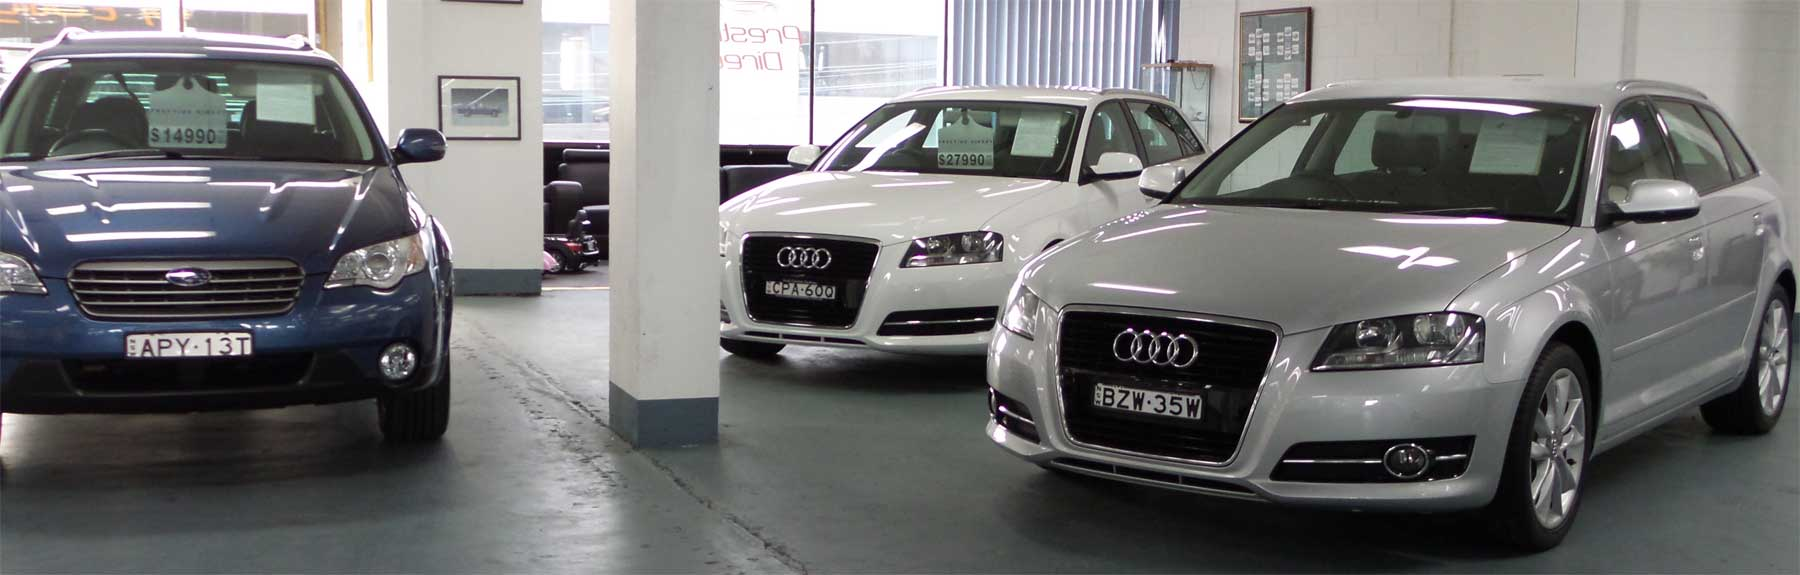 Buy Cheaper Prestige Cars In Sydney At Prestige Direct